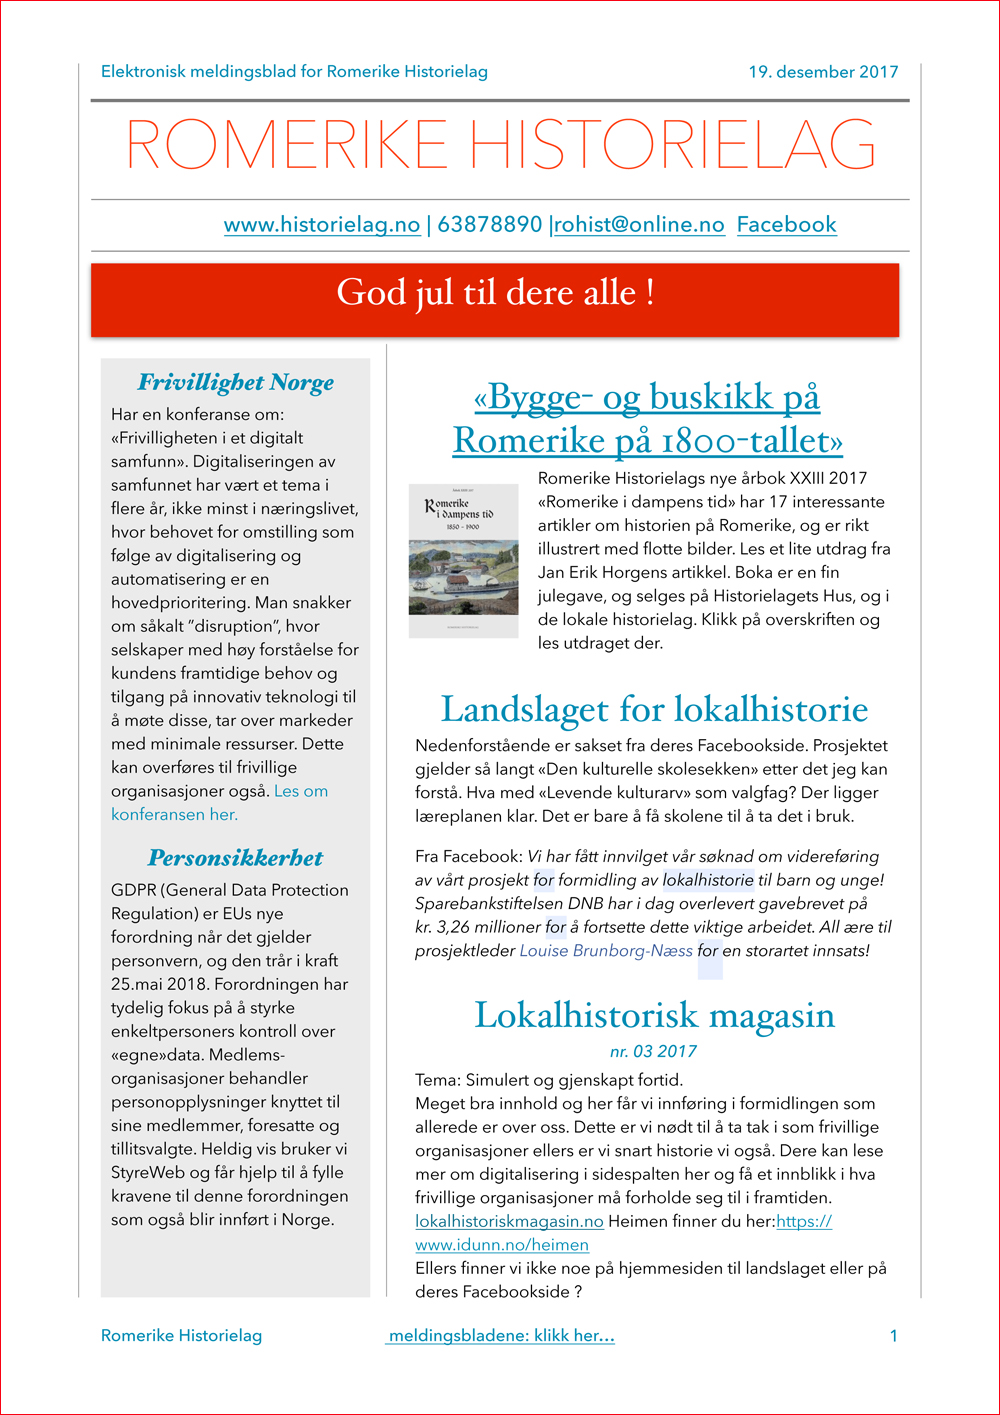 2017-12-meldingsblad.jpg